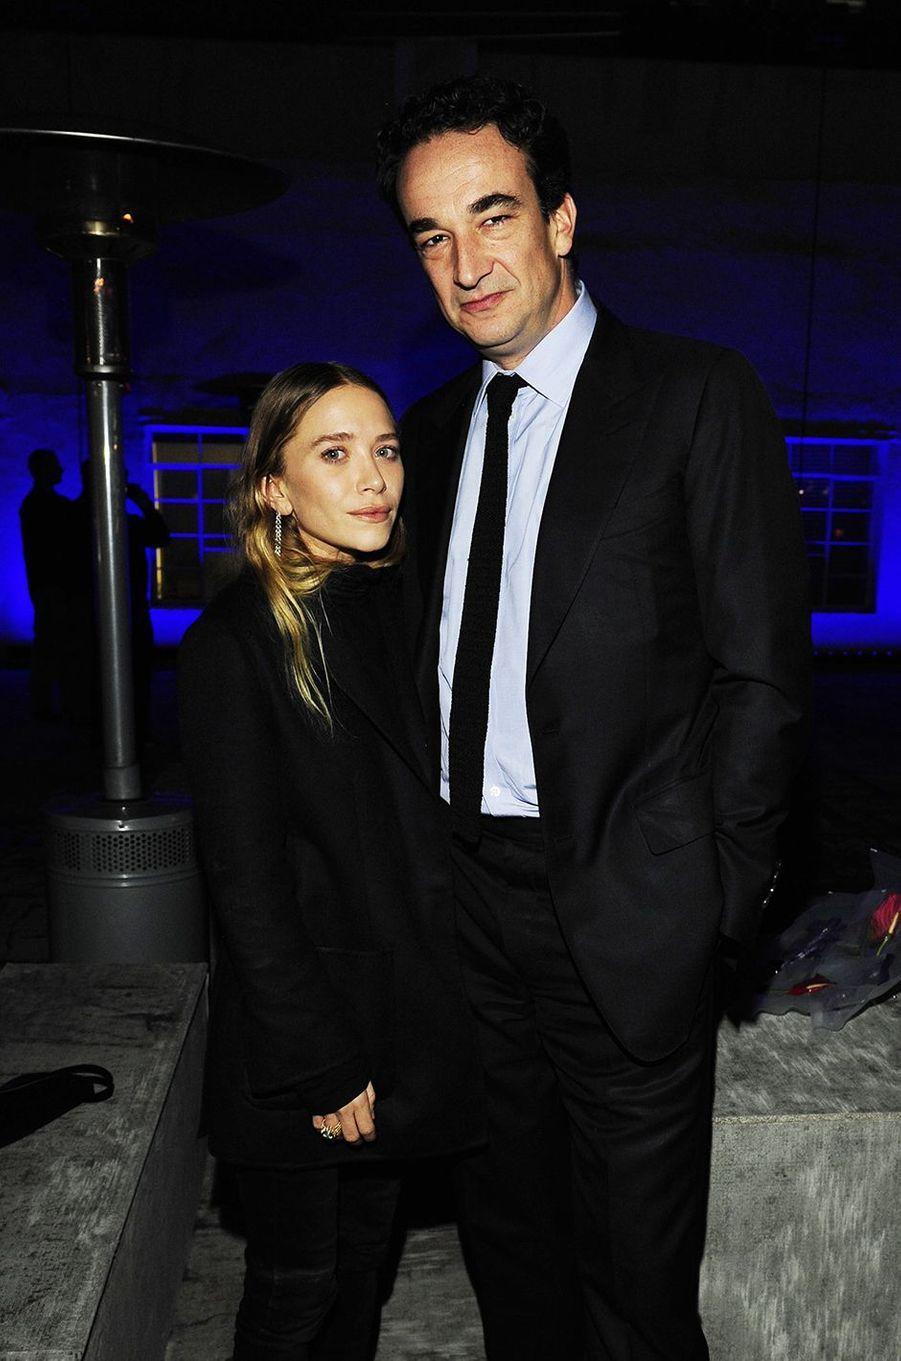 Mary-Kate Olsen et Olivier Sarkozy lors d'un événement à Hollywood en décembre 2014